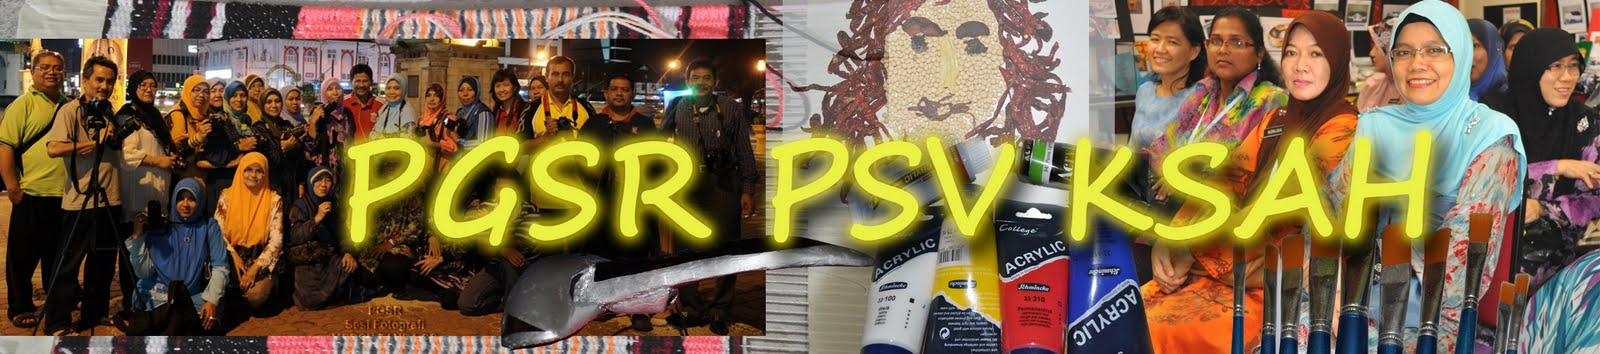 PGSR PSV KSAH